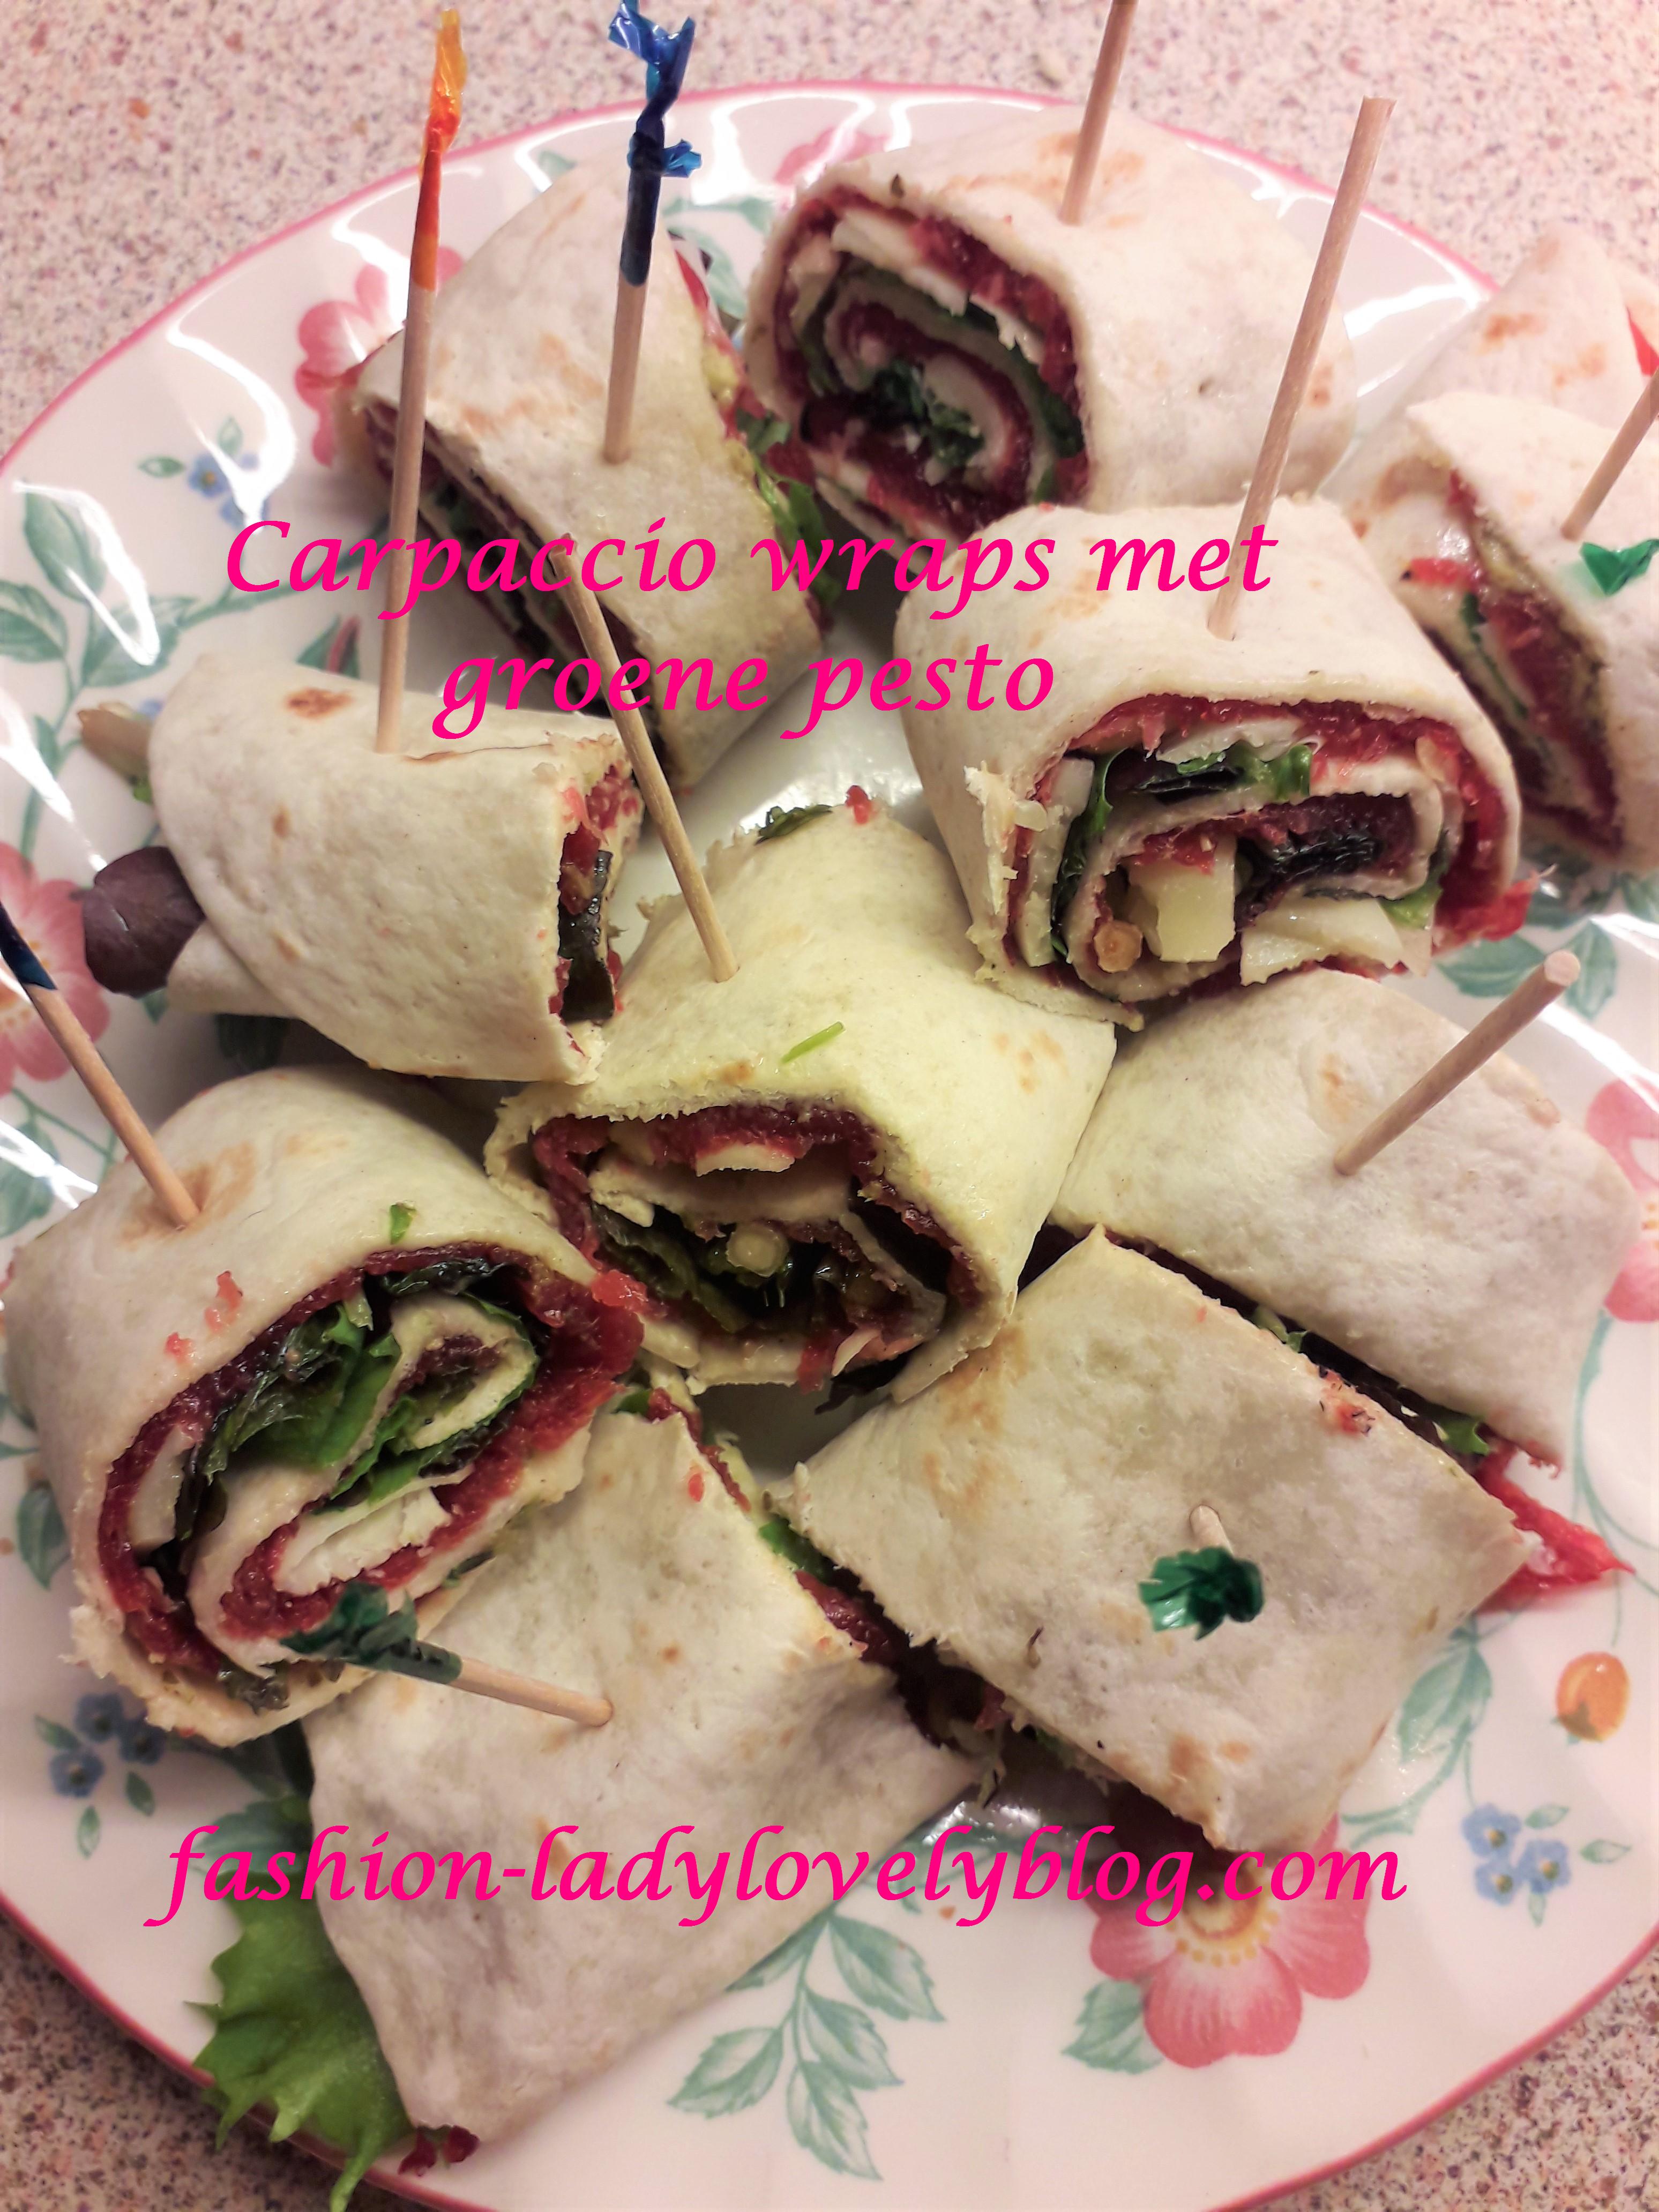 Carpaccio wraps met groene pesto